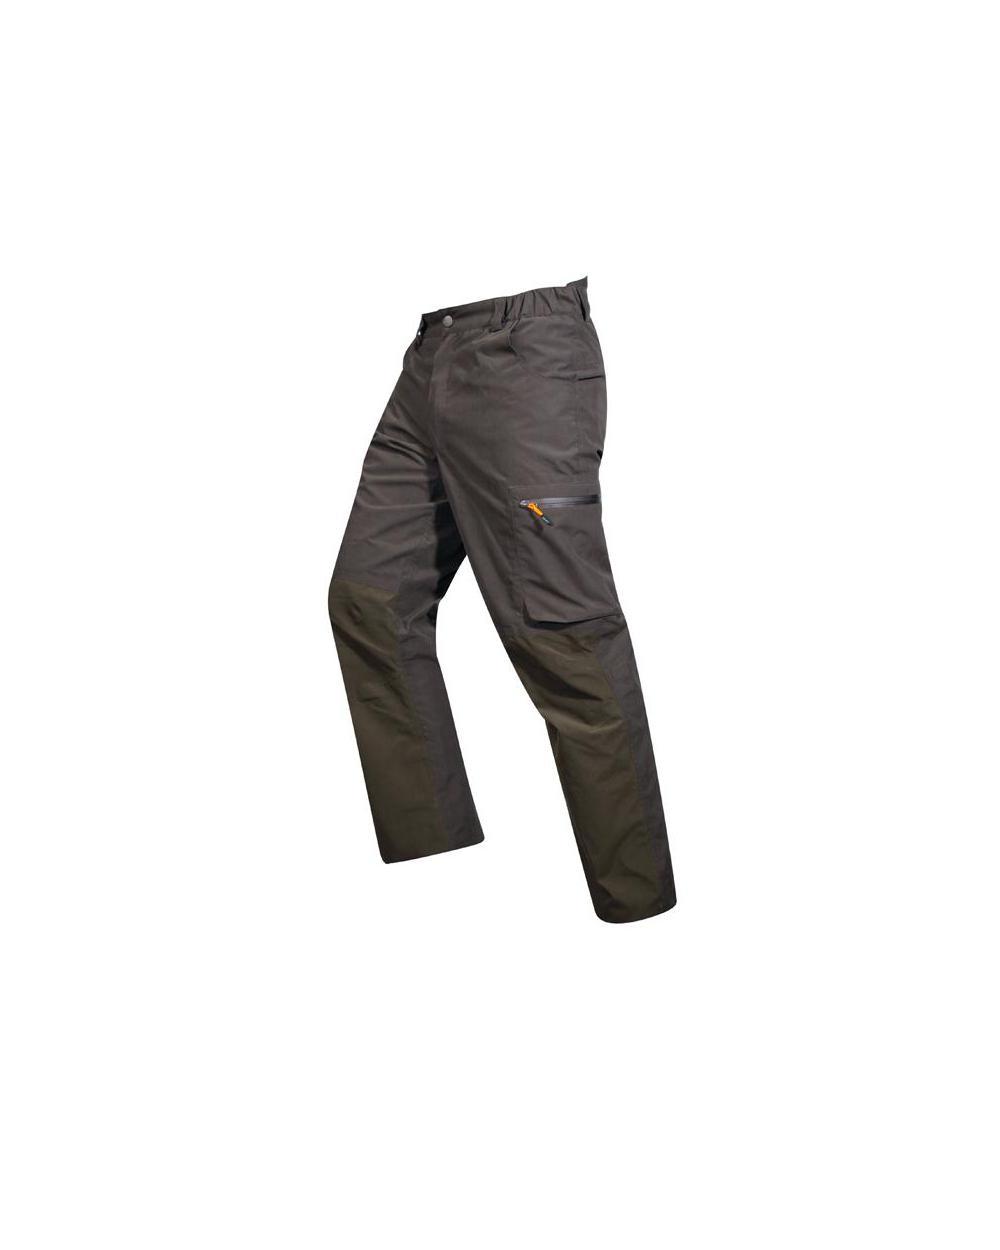 Pantalon hart ilie-t